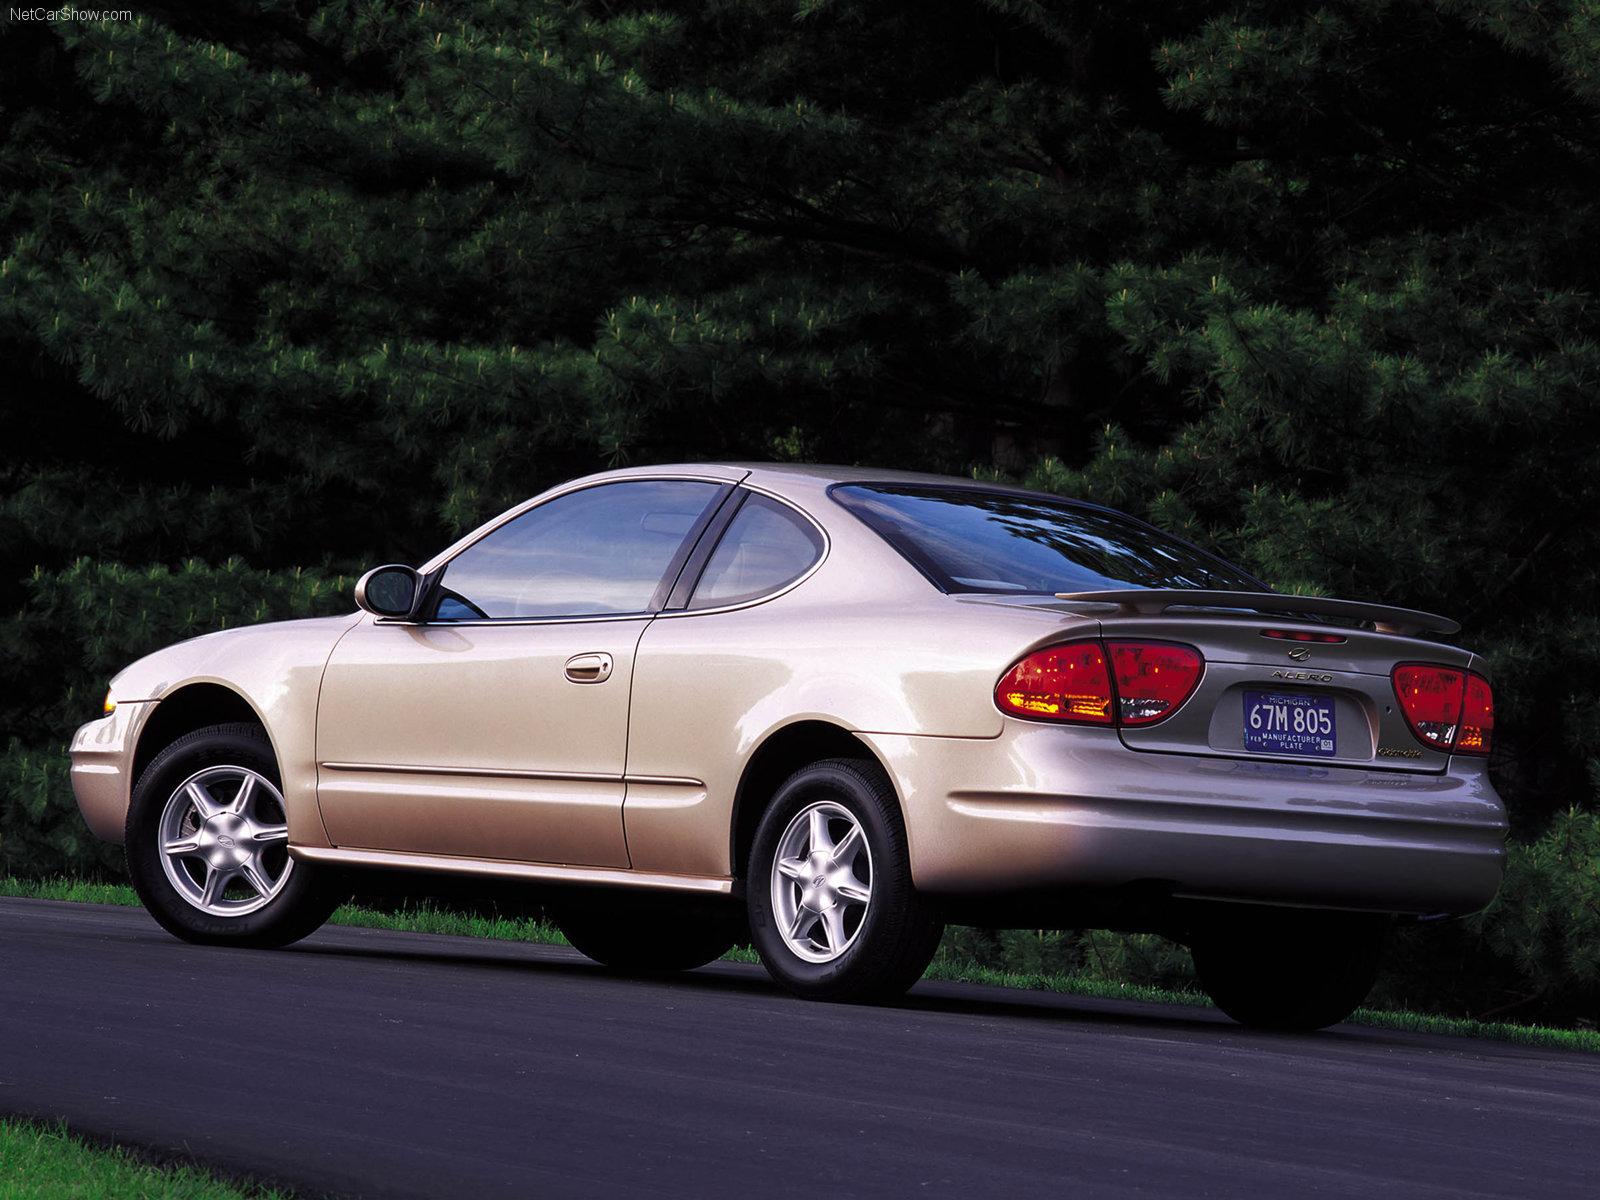 Hình ảnh xe ô tô Oldsmobile Alero 2001 & nội ngoại thất